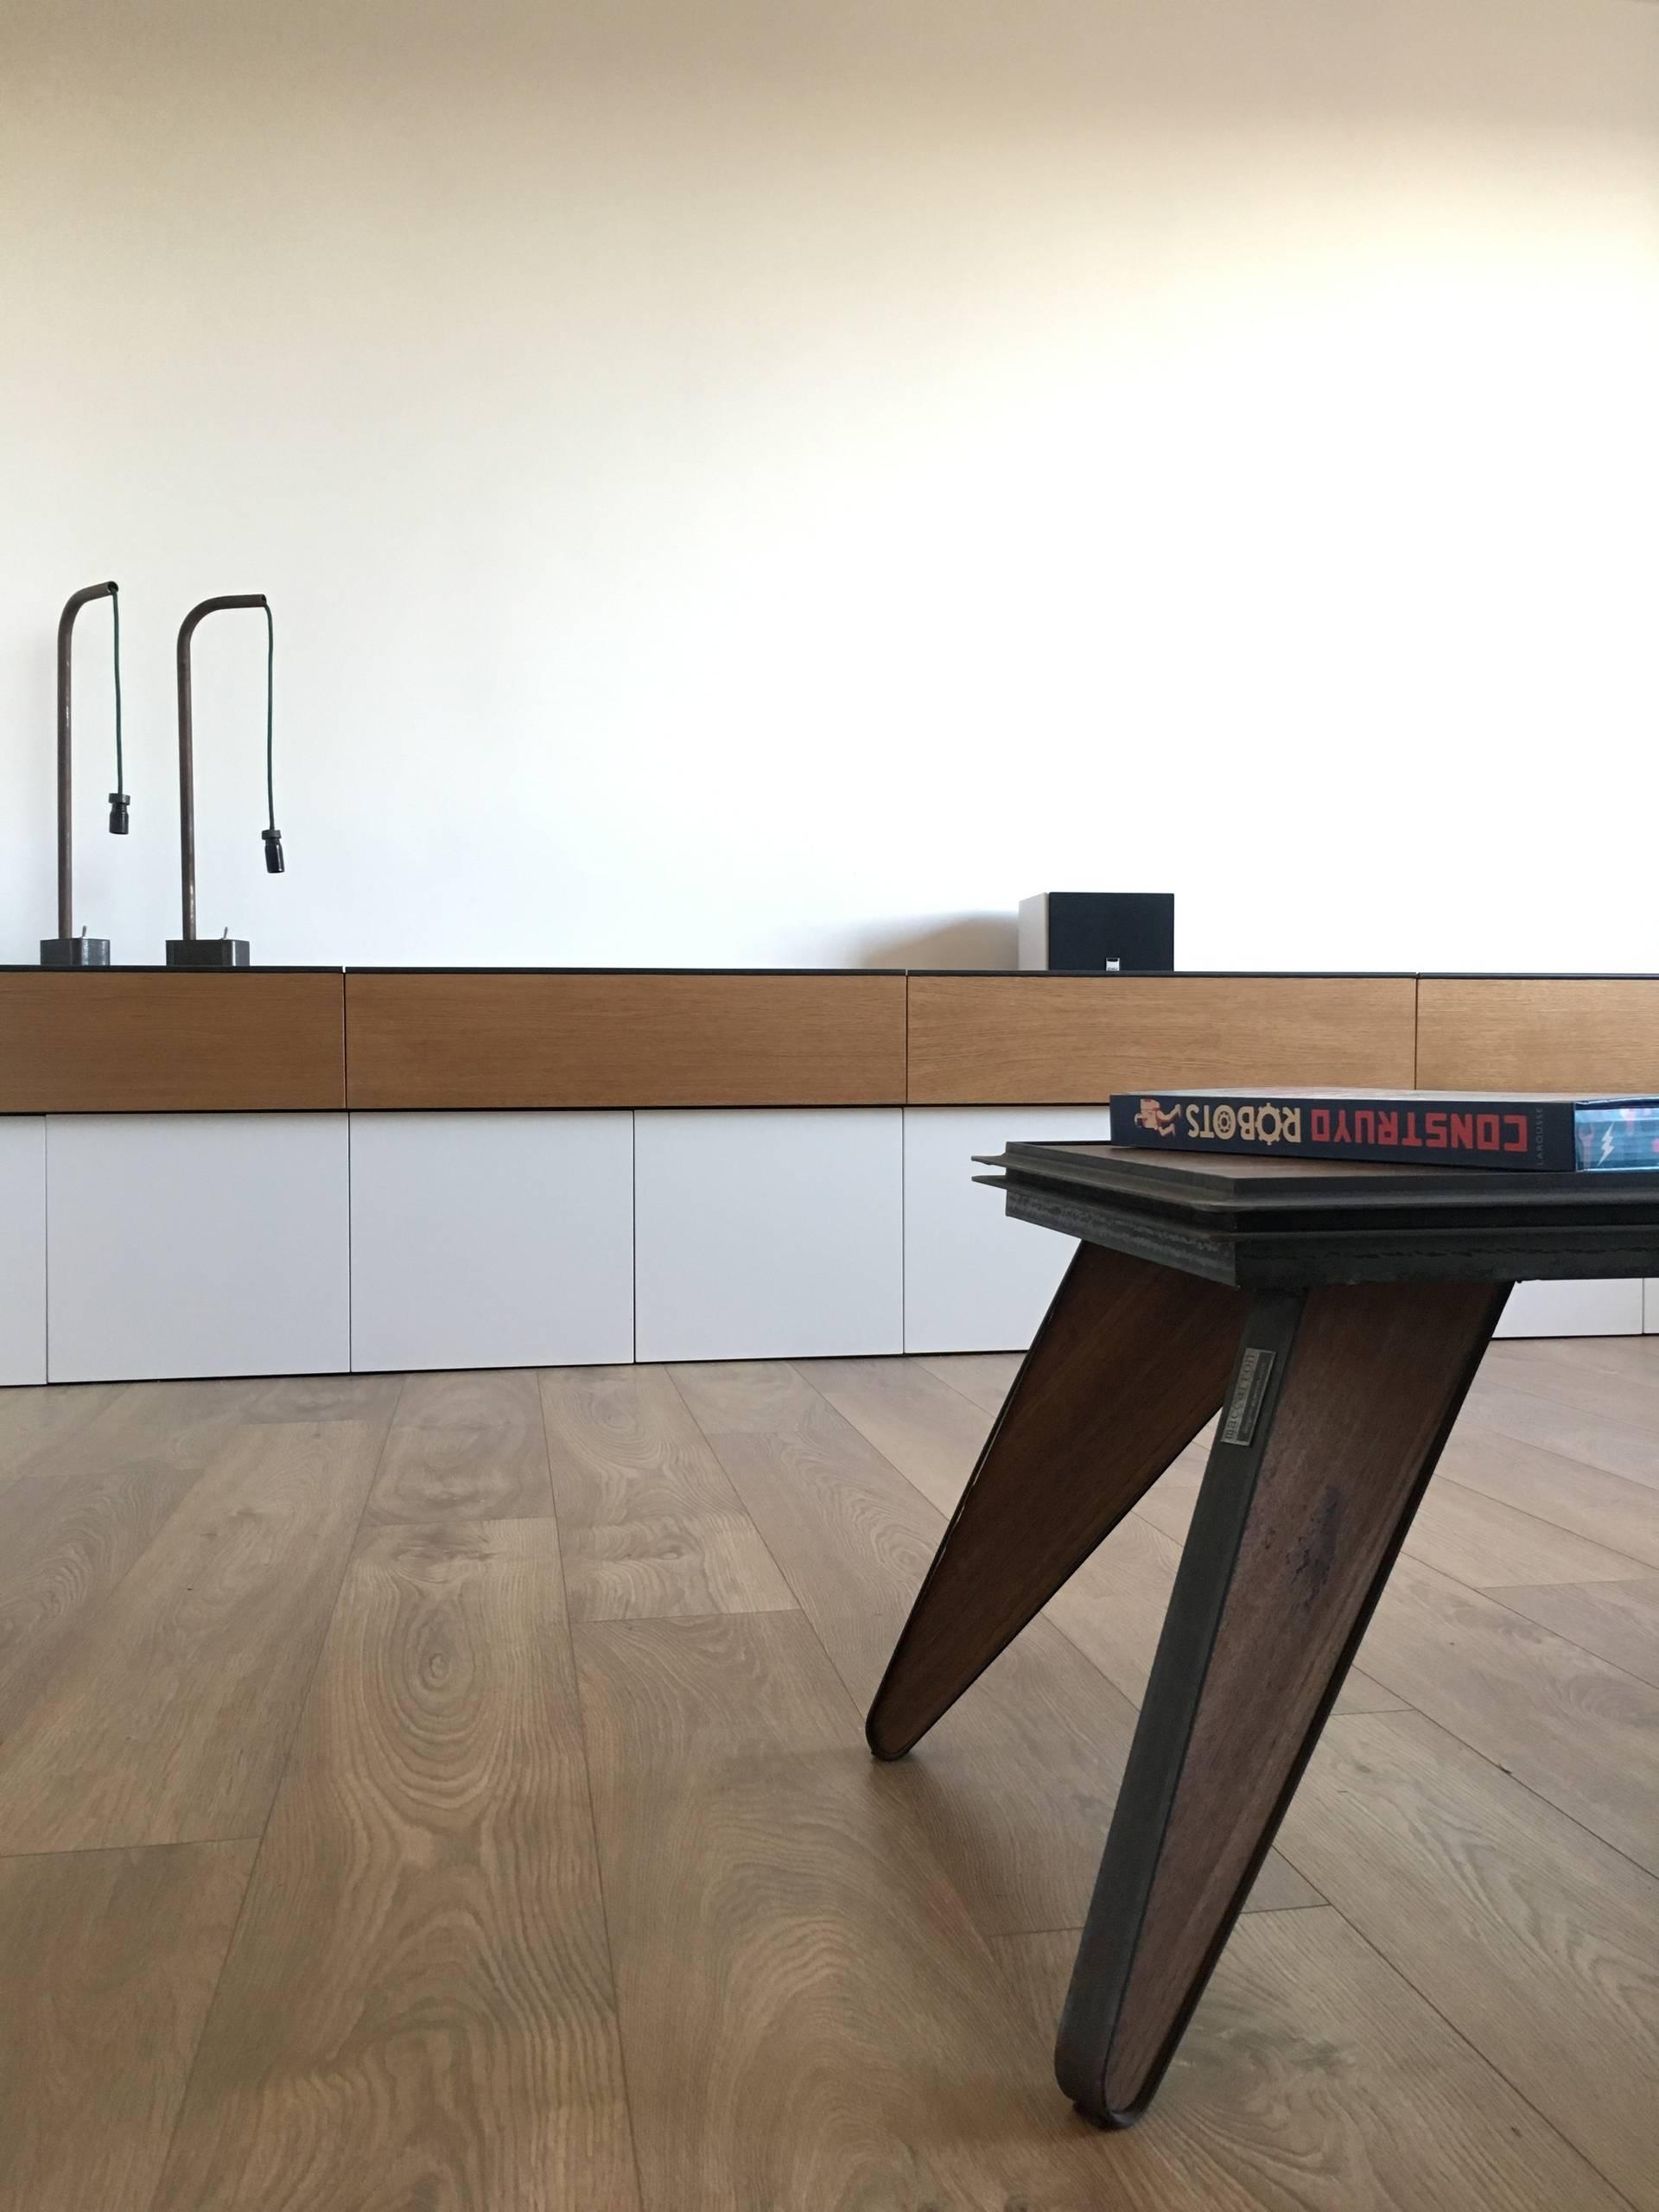 Detalle de la mesa del salón y del mueble de la televisió